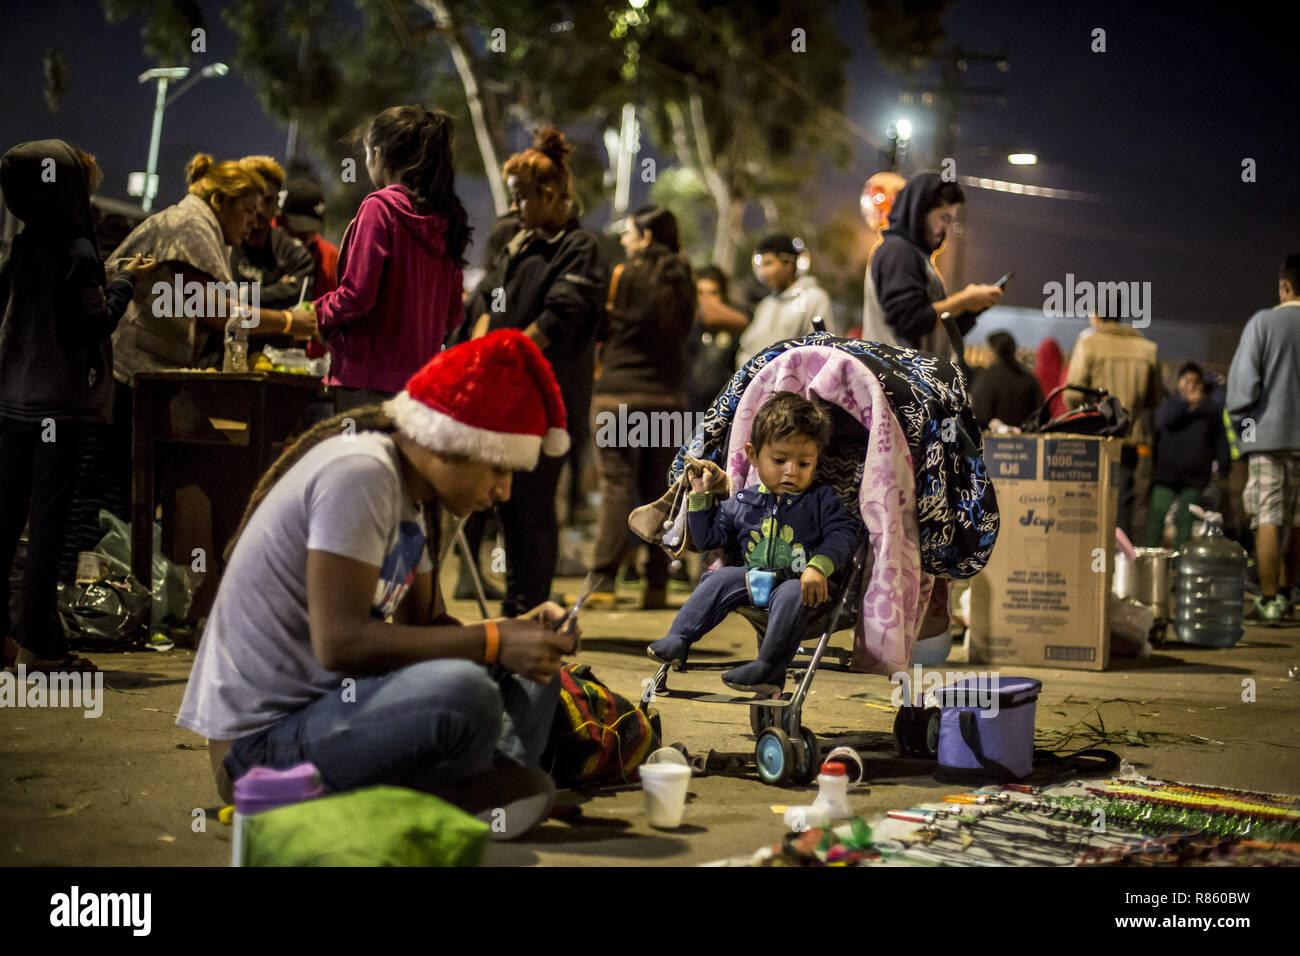 Tijuana Mexico 28th Nov 2018 A Migrant Sells Handicrafts In